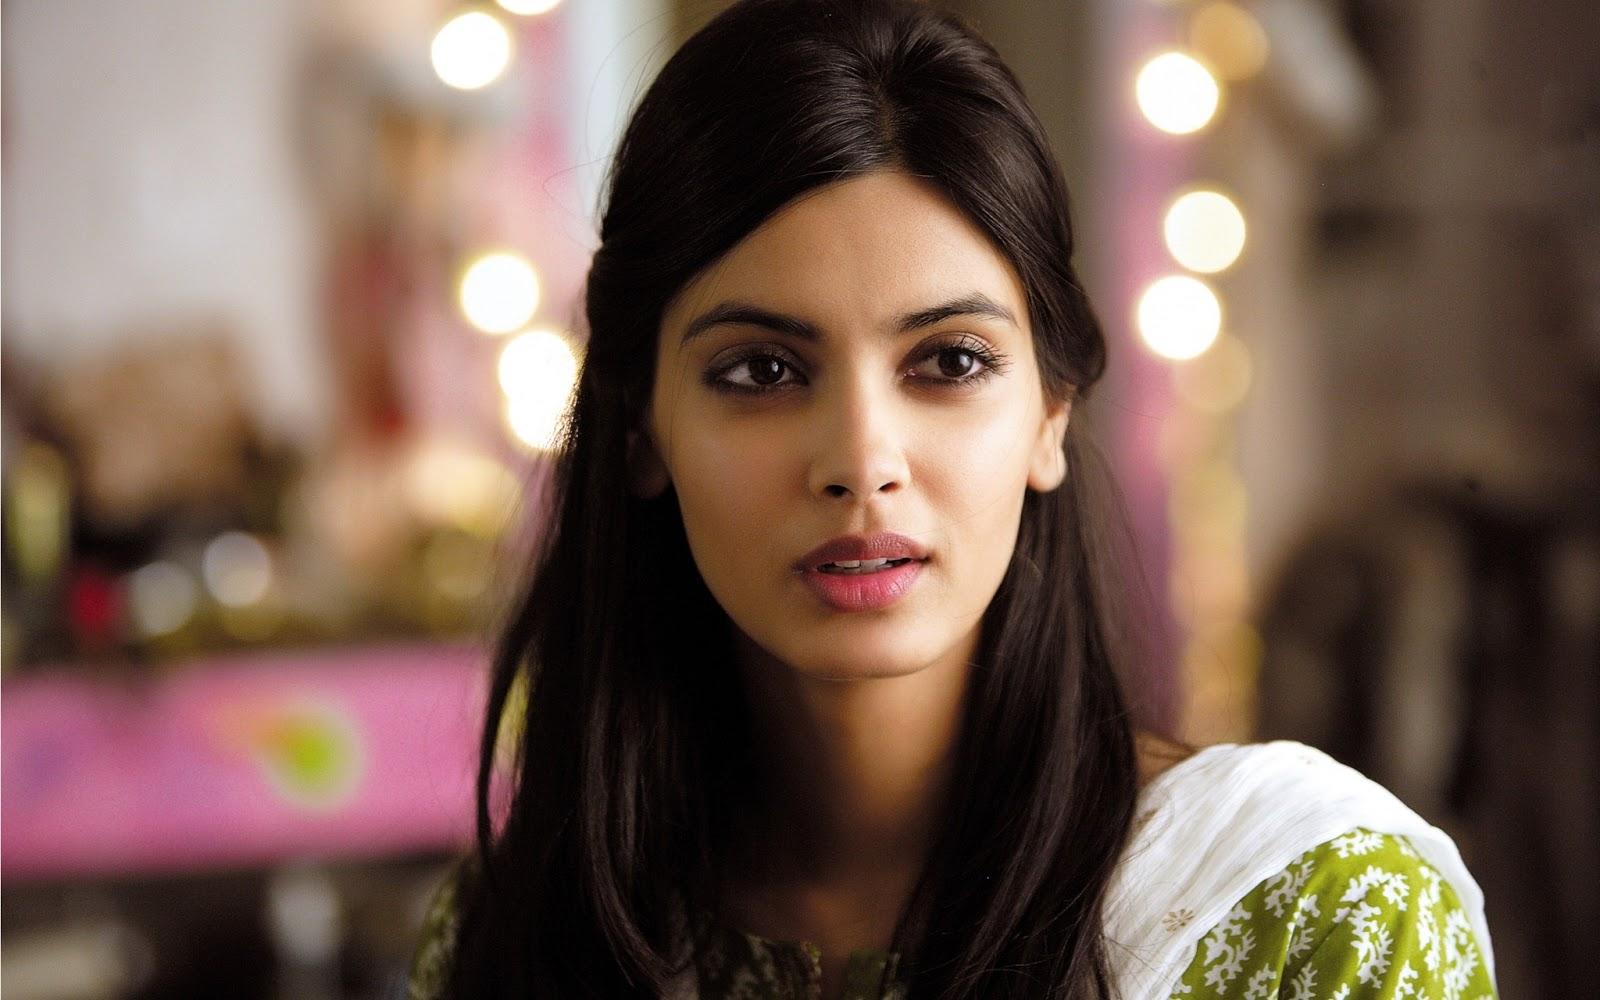 Bollywood Actress Hd Desktop Wallpaper: Diana Penty New Bollywood Actress Hd Desktop Wallpaper